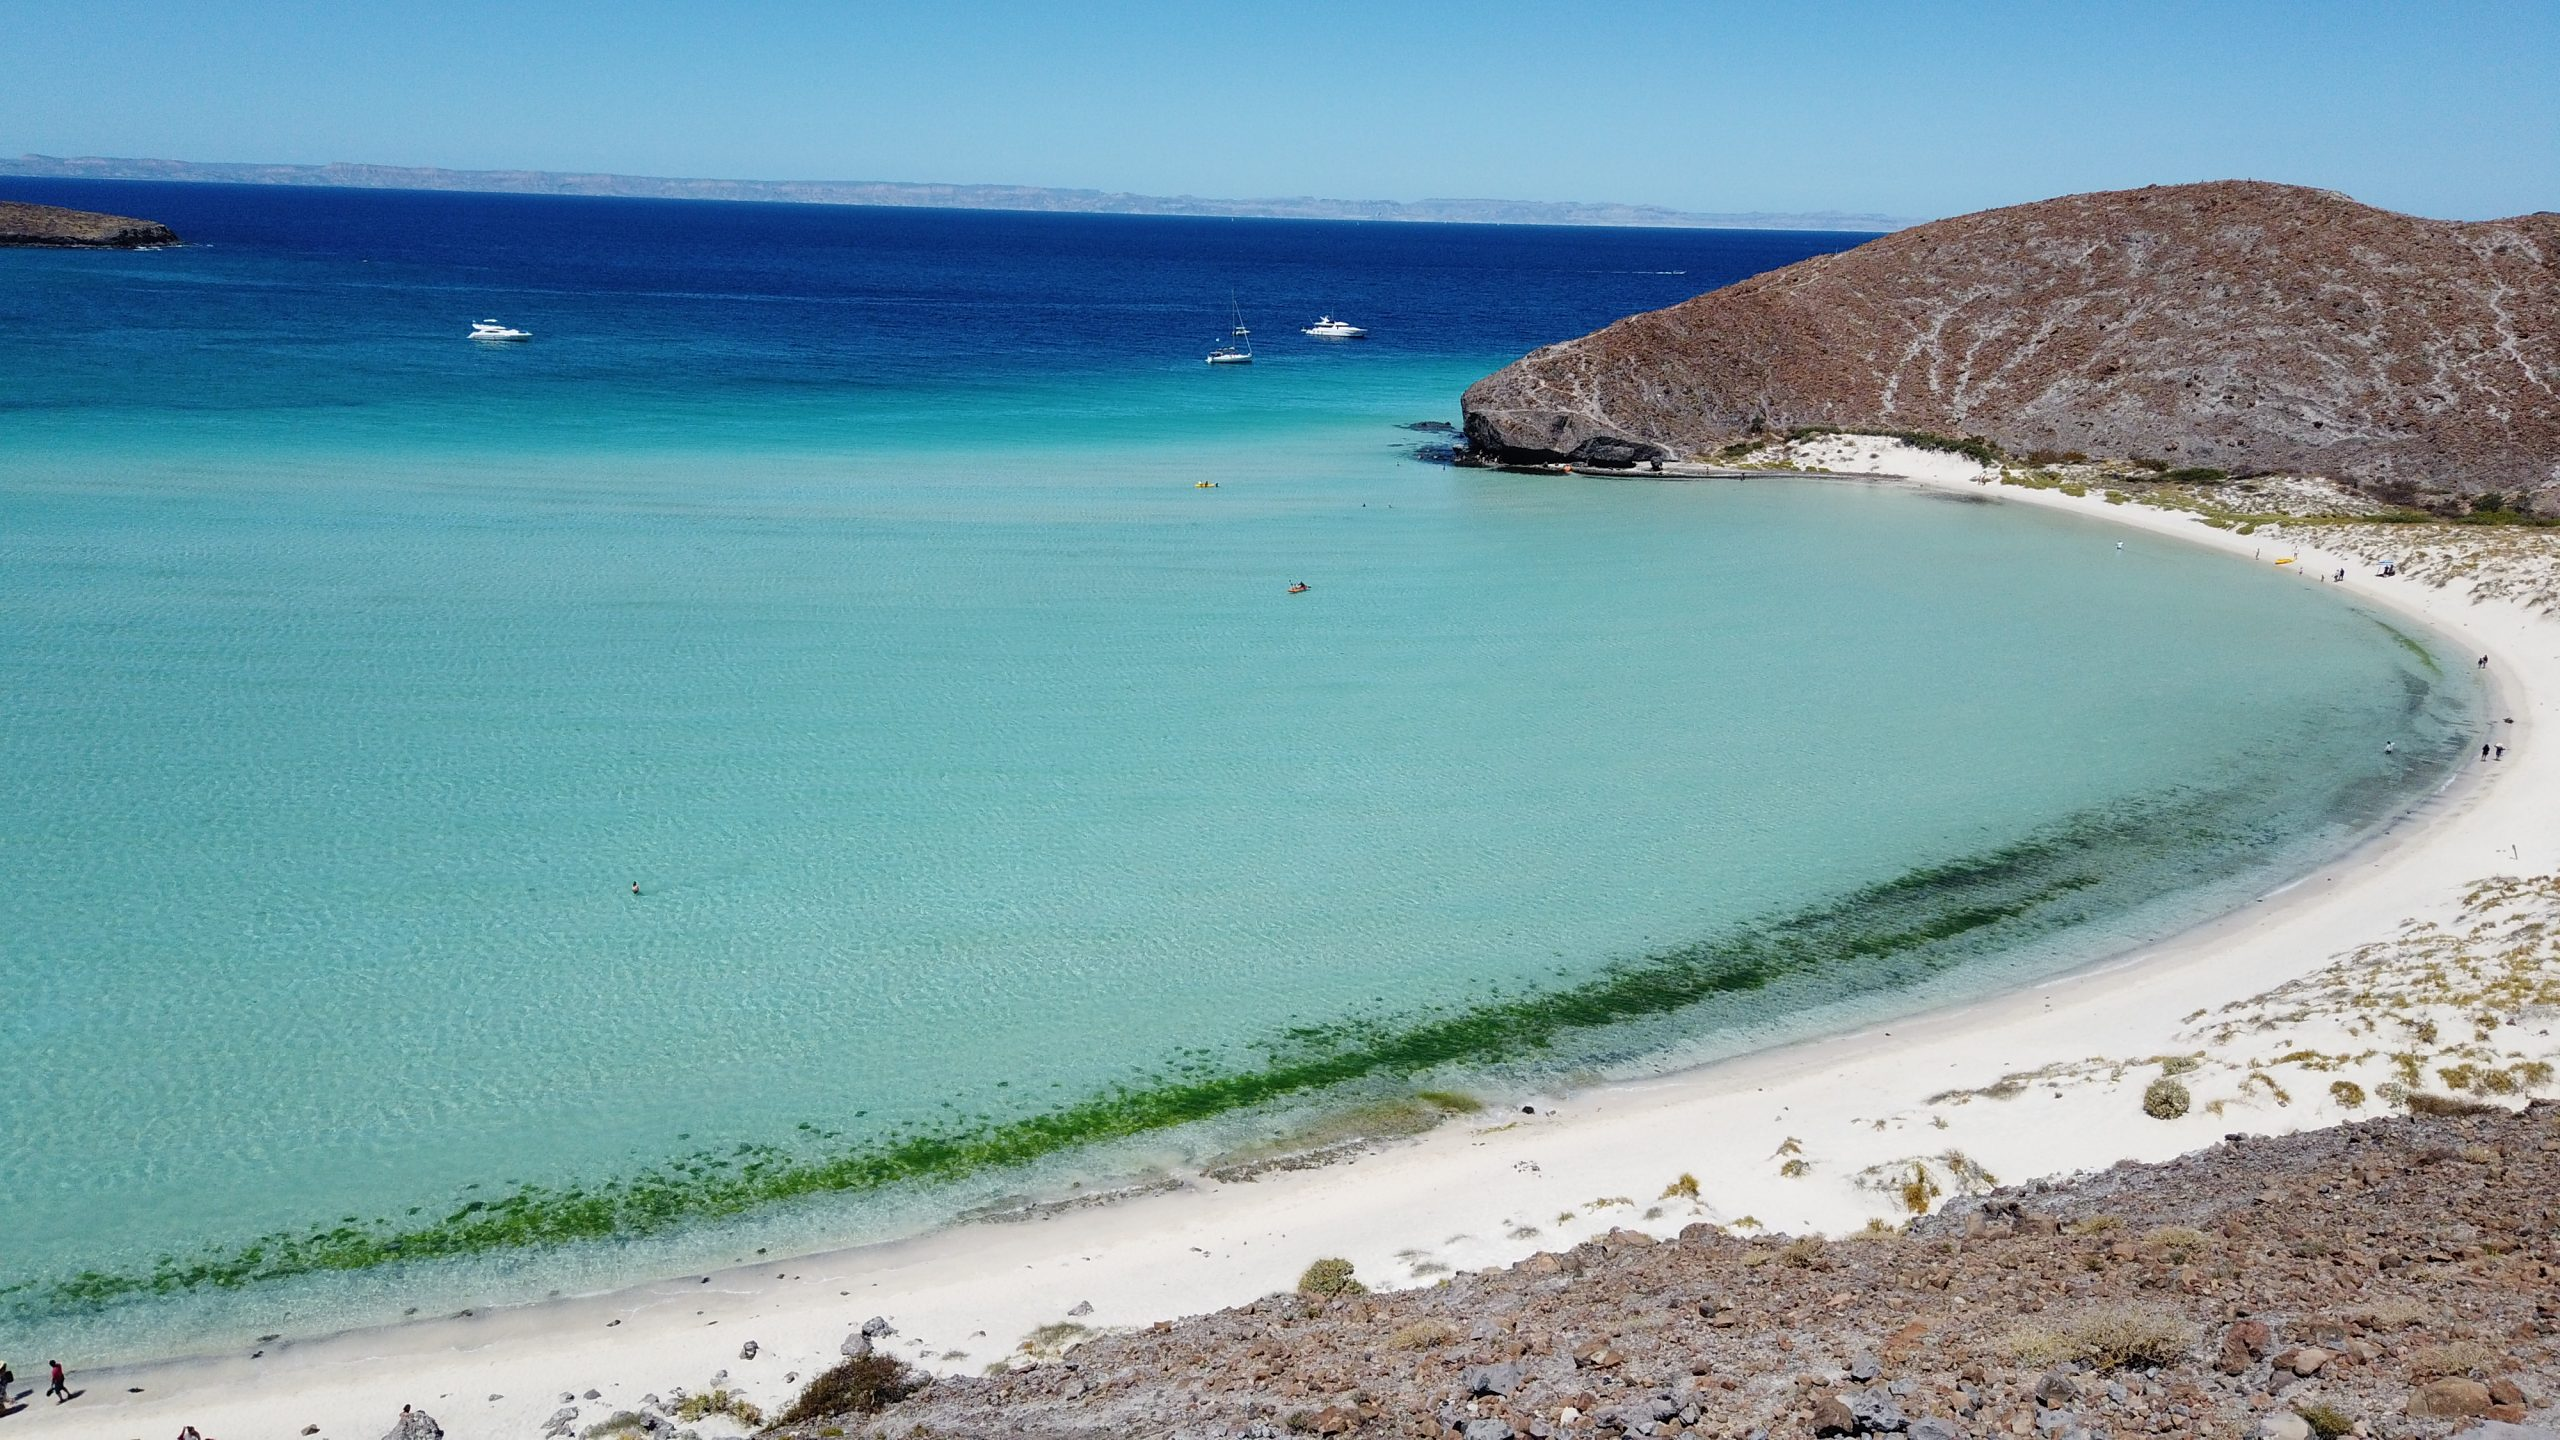 Opciones Turísticas En Balandra, Baja California Sur